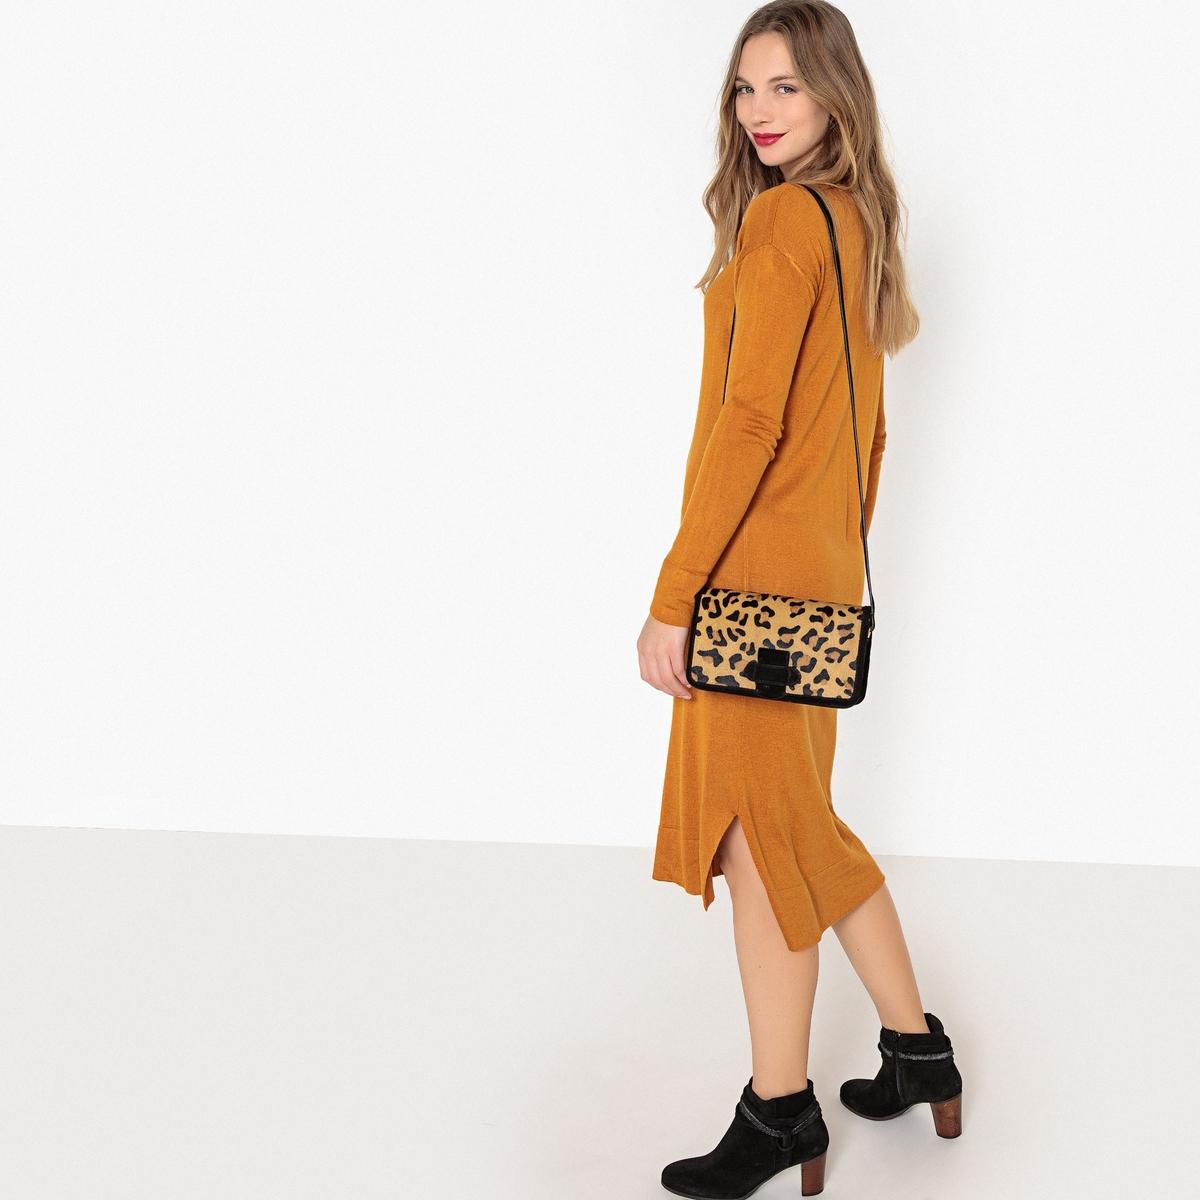 цена Платье La Redoute Средней длины прямое с длинными рукавами S каштановый онлайн в 2017 году